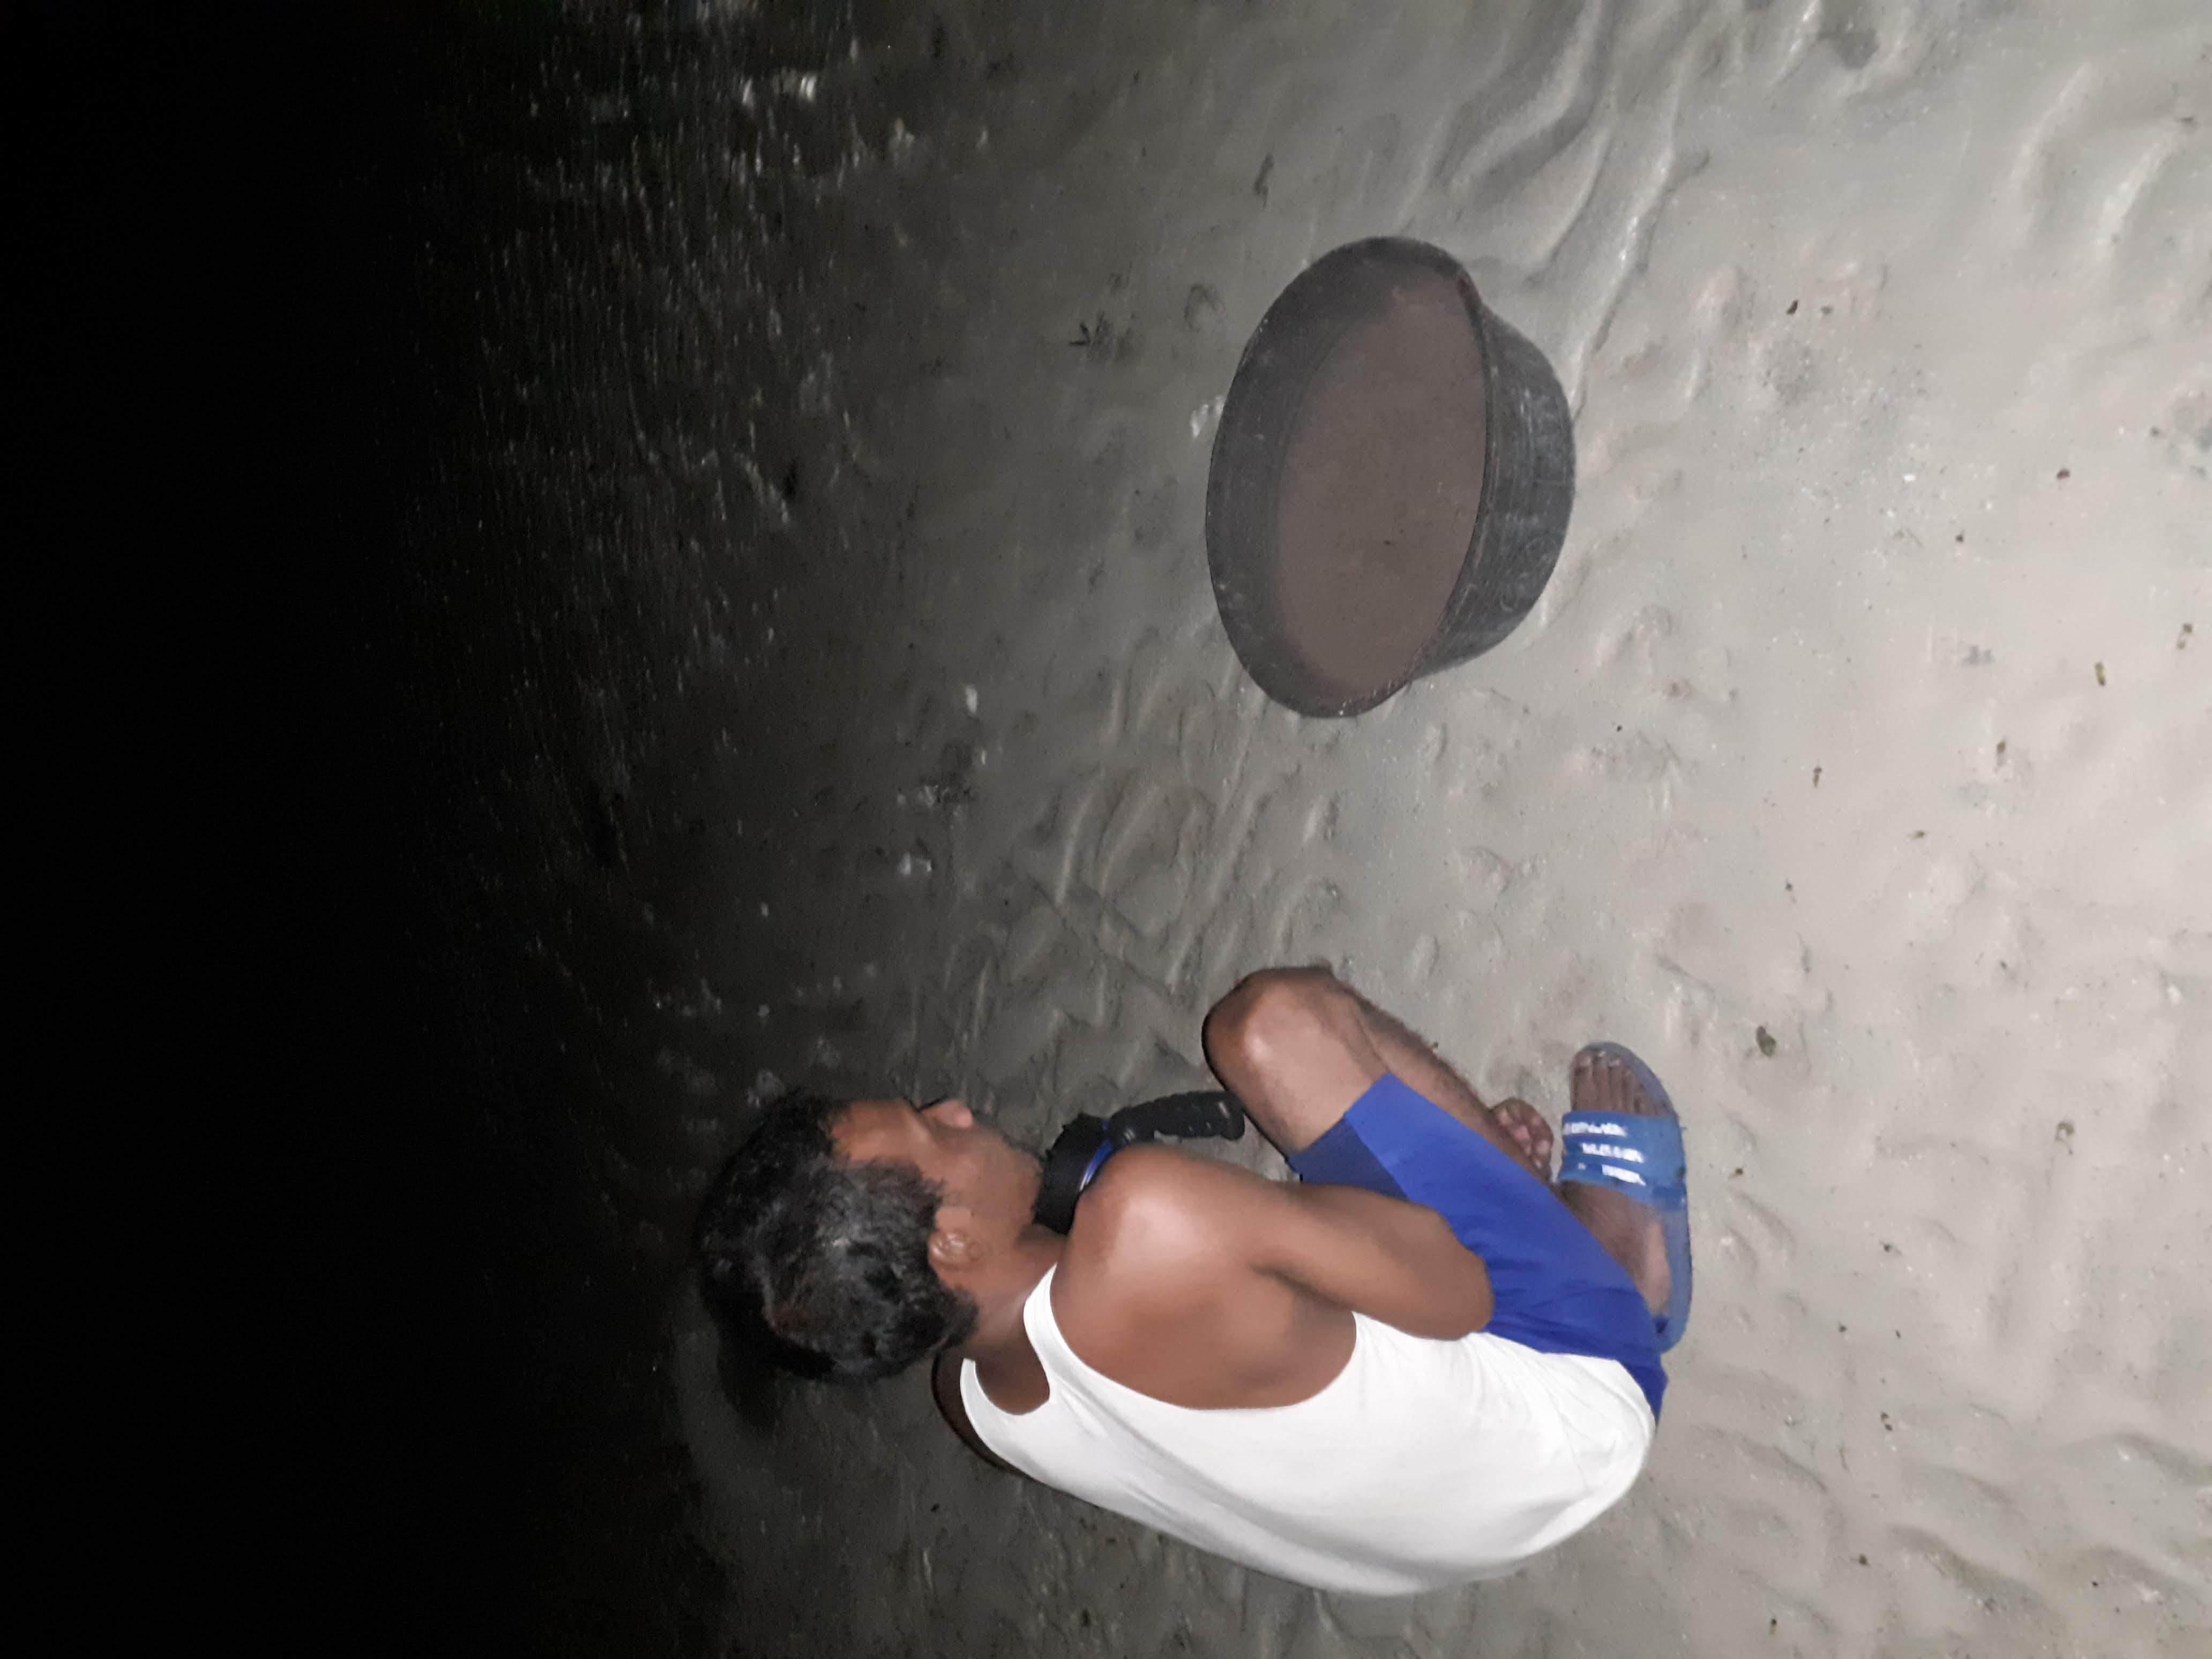 建物の明かりによって迷子になった赤ちゃんガメを海に帰す常駐監視員